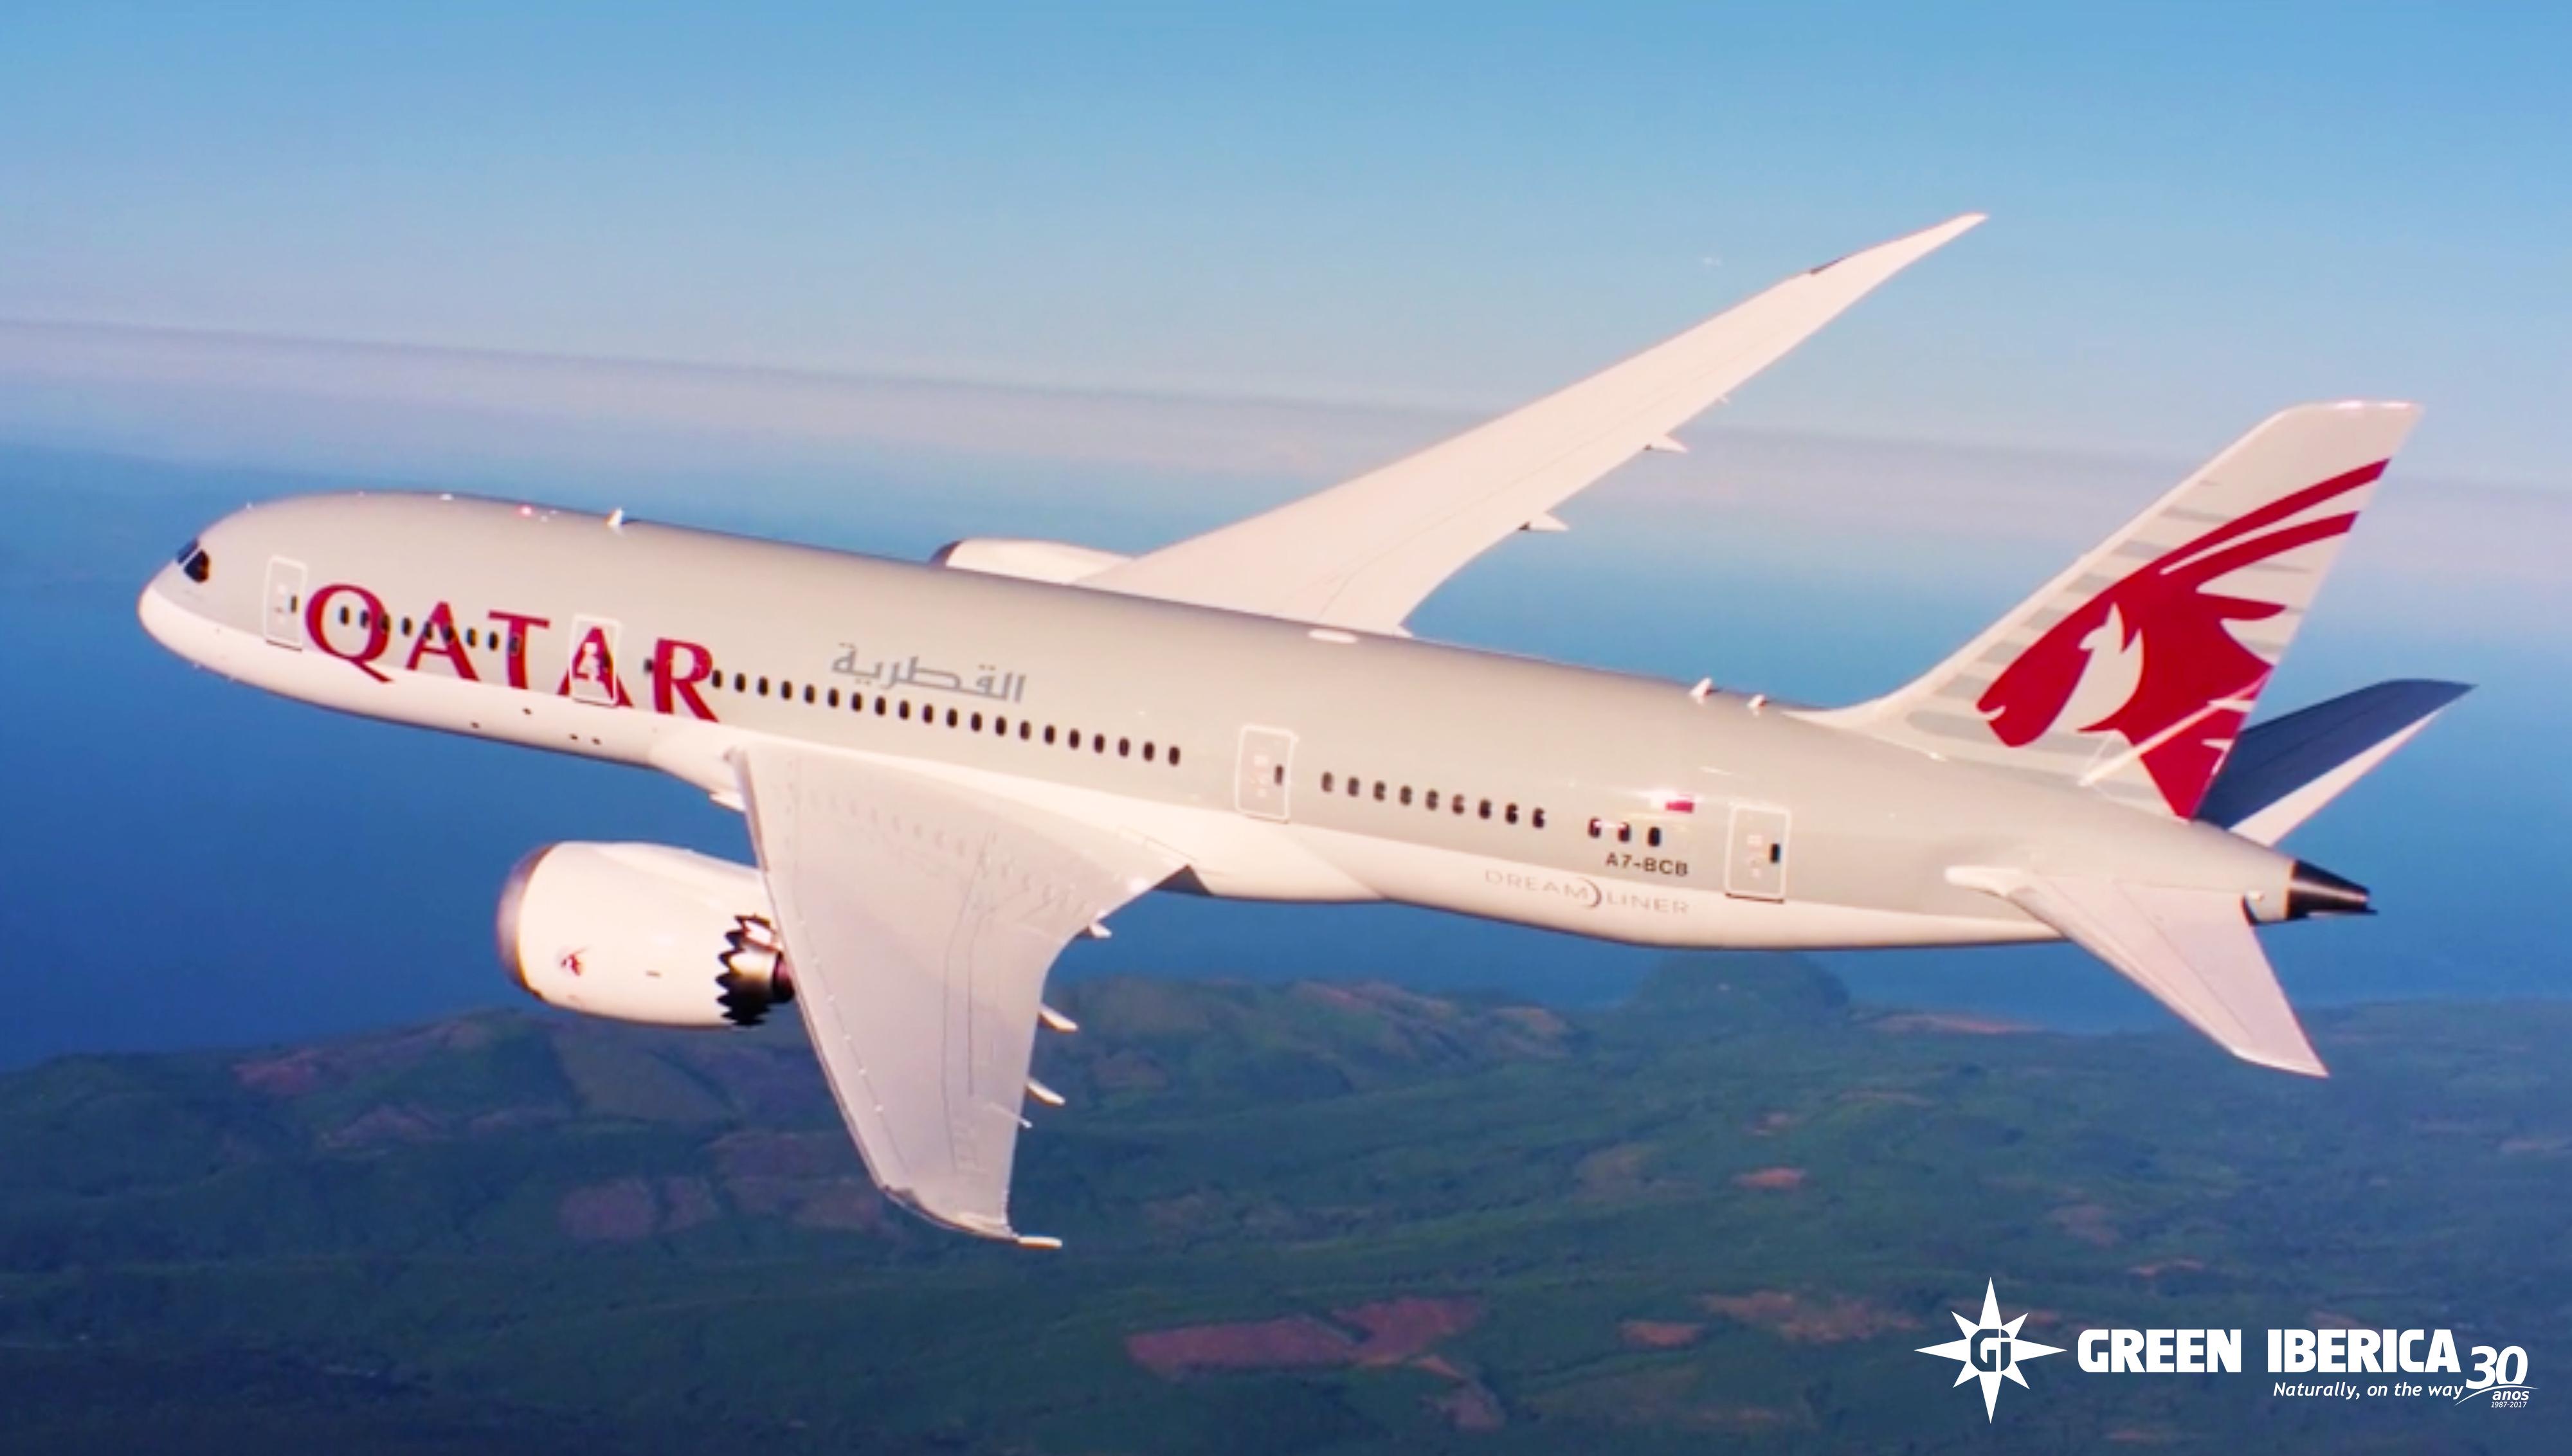 Qatar Airways cargo, Airplane, Aircraft, Aircargo, Green Ibérica